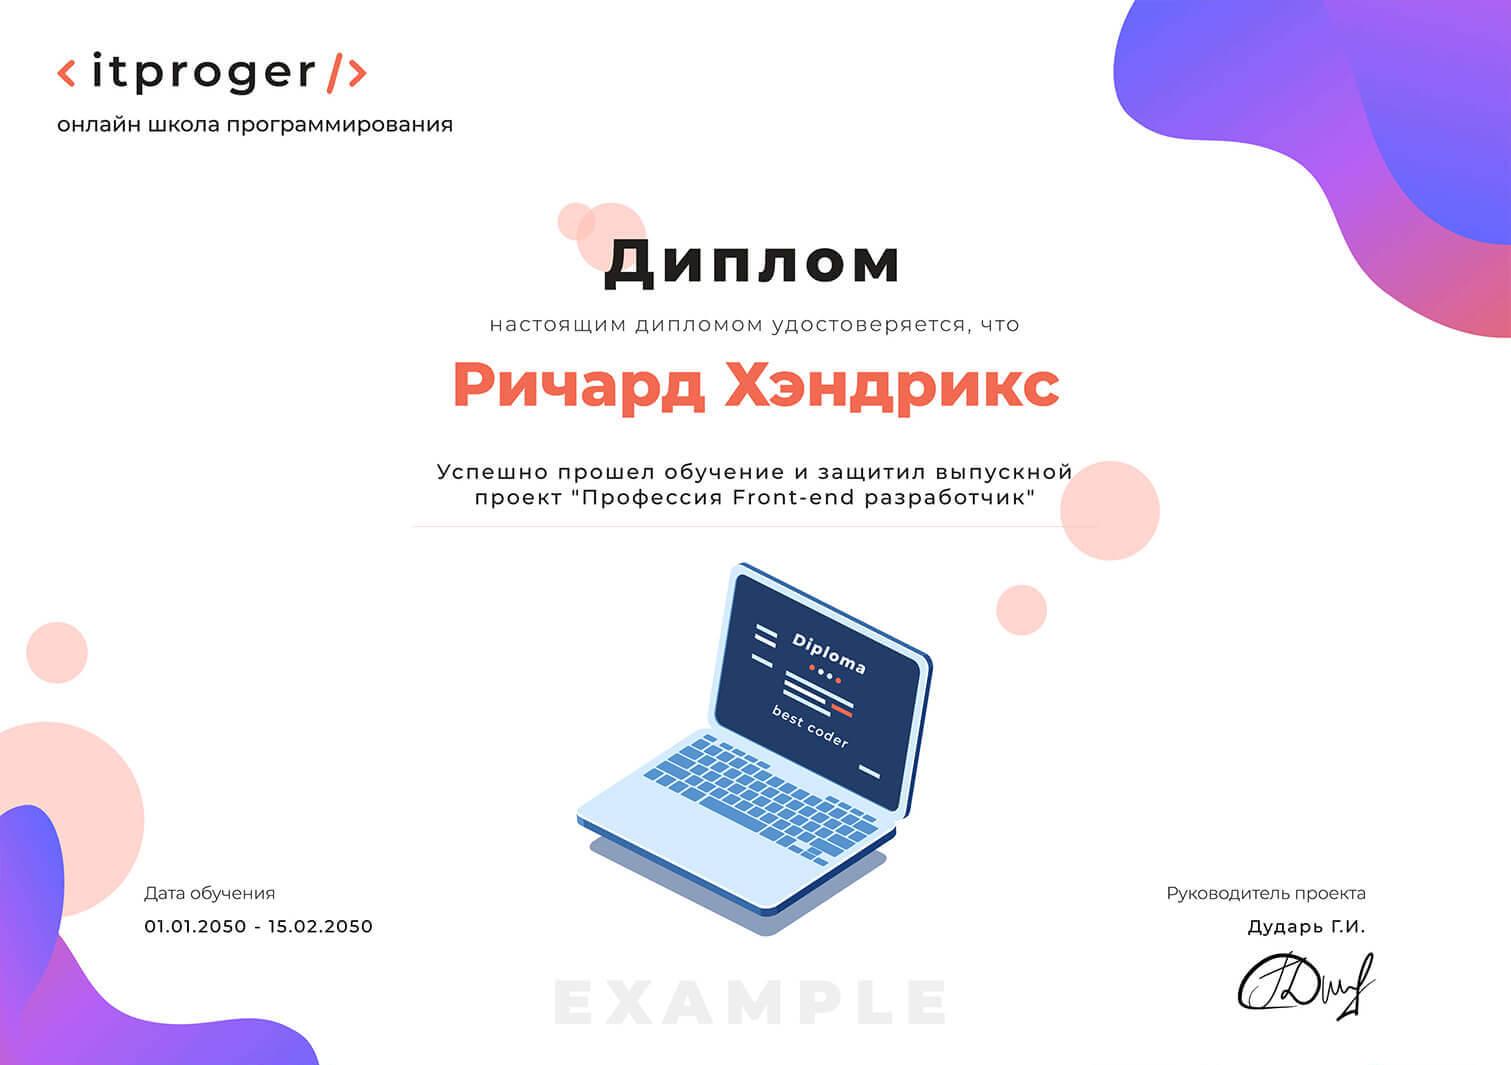 Пример диплома